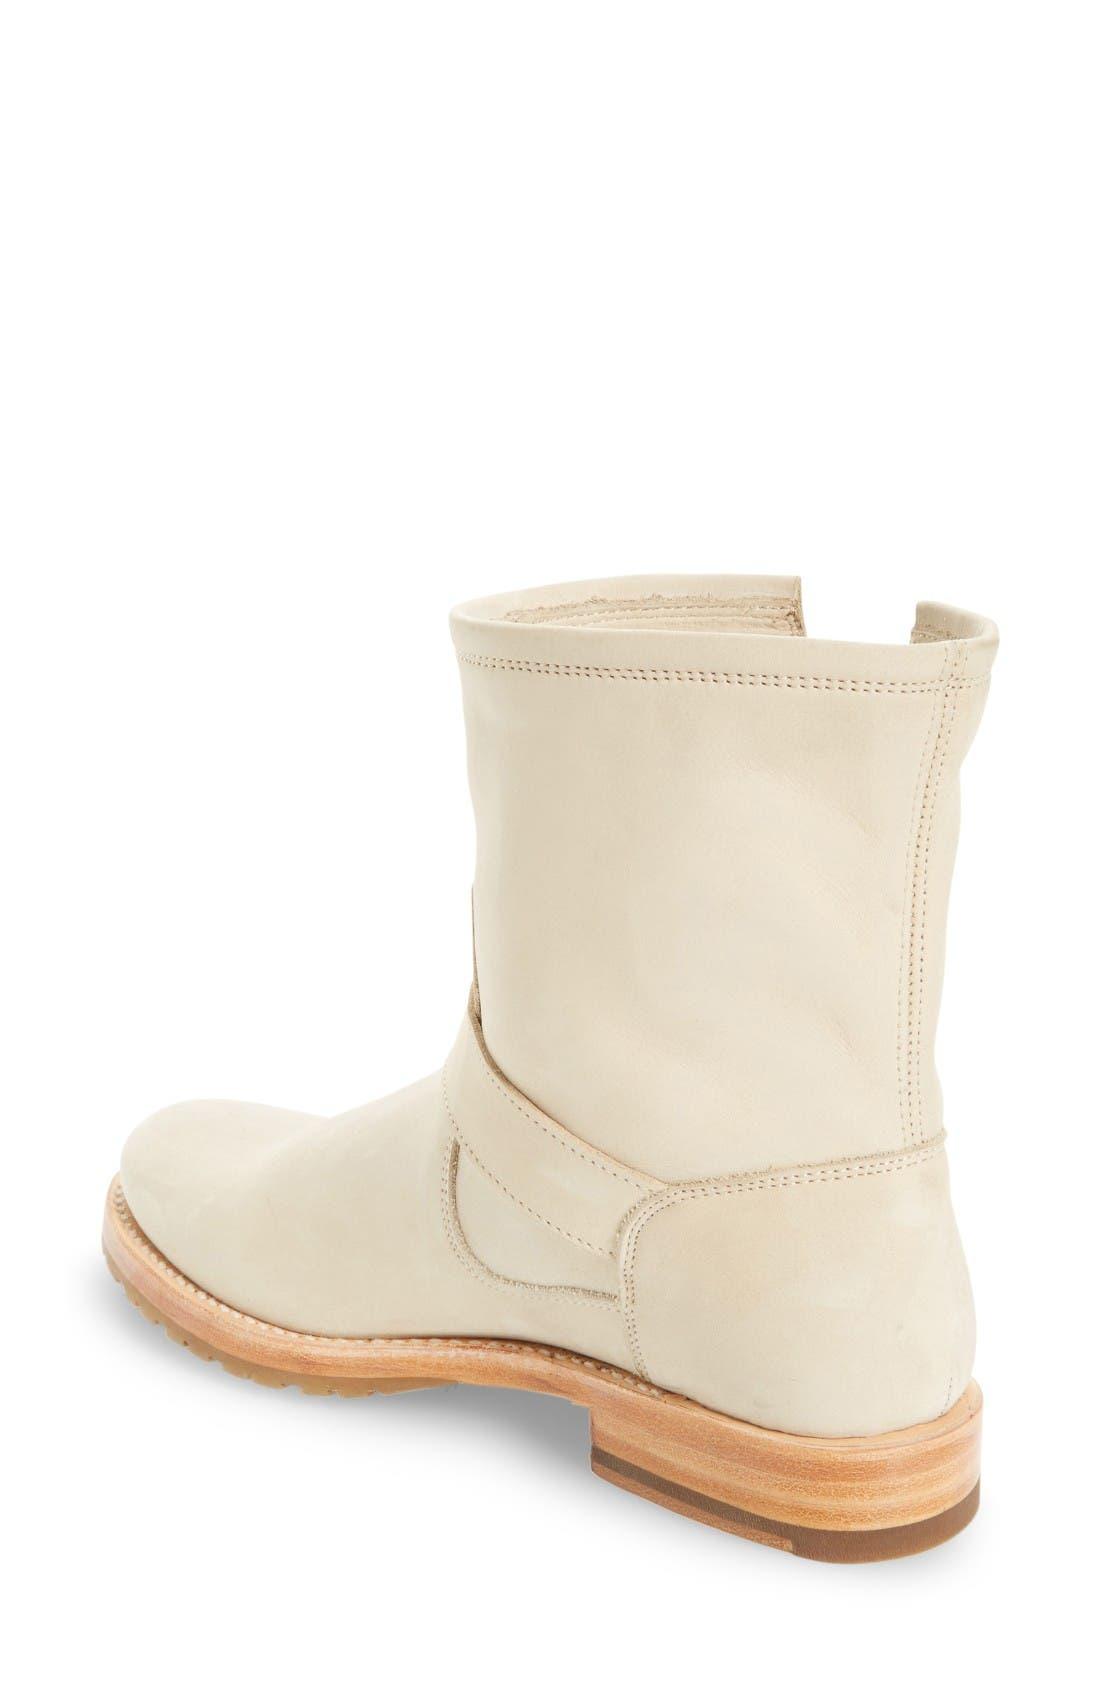 Alternate Image 2  - Frye 'Natalie' Engineer Boot (Women)